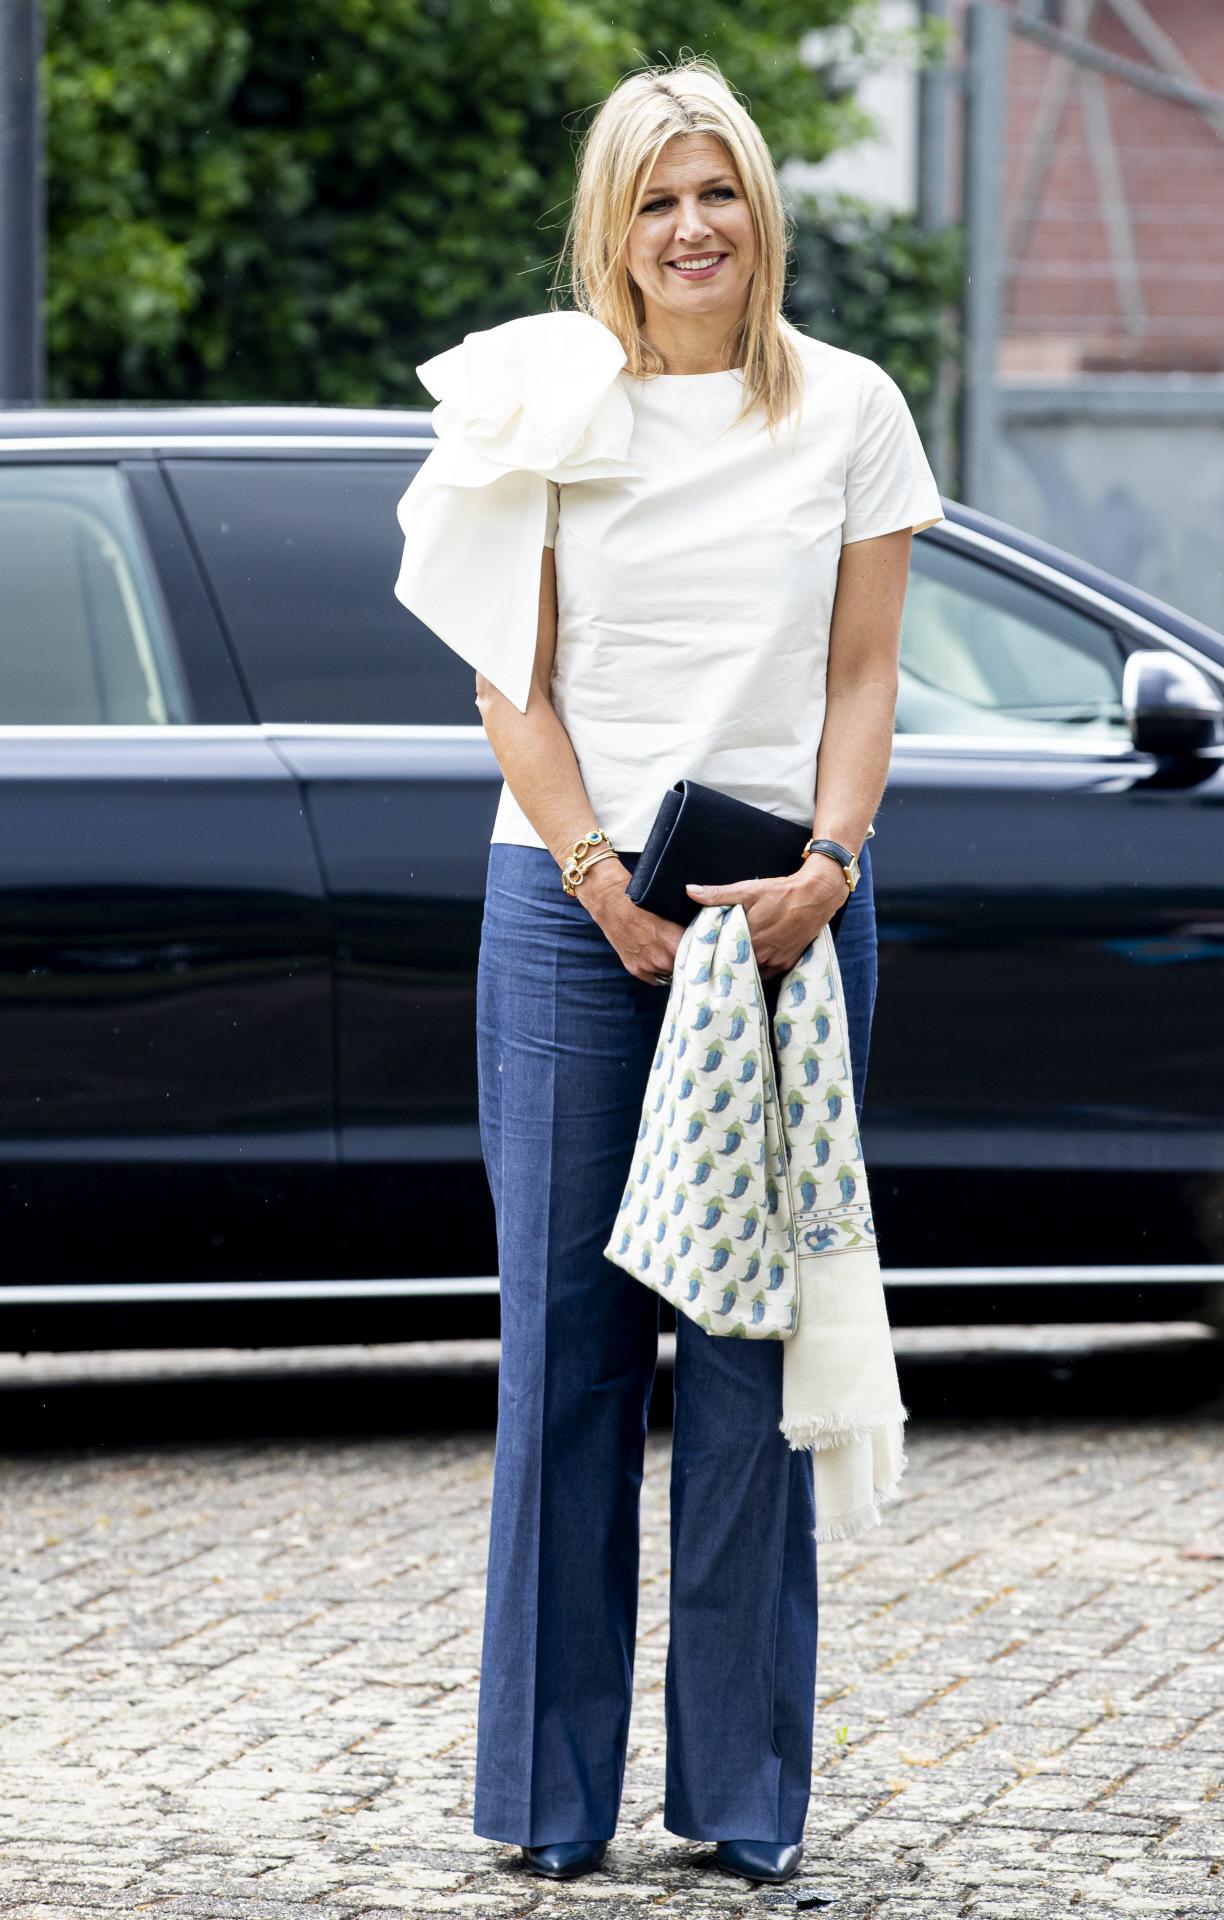 La reina Máxima a la llegada a la escuela de música con camiseta blanca y vaqueros.